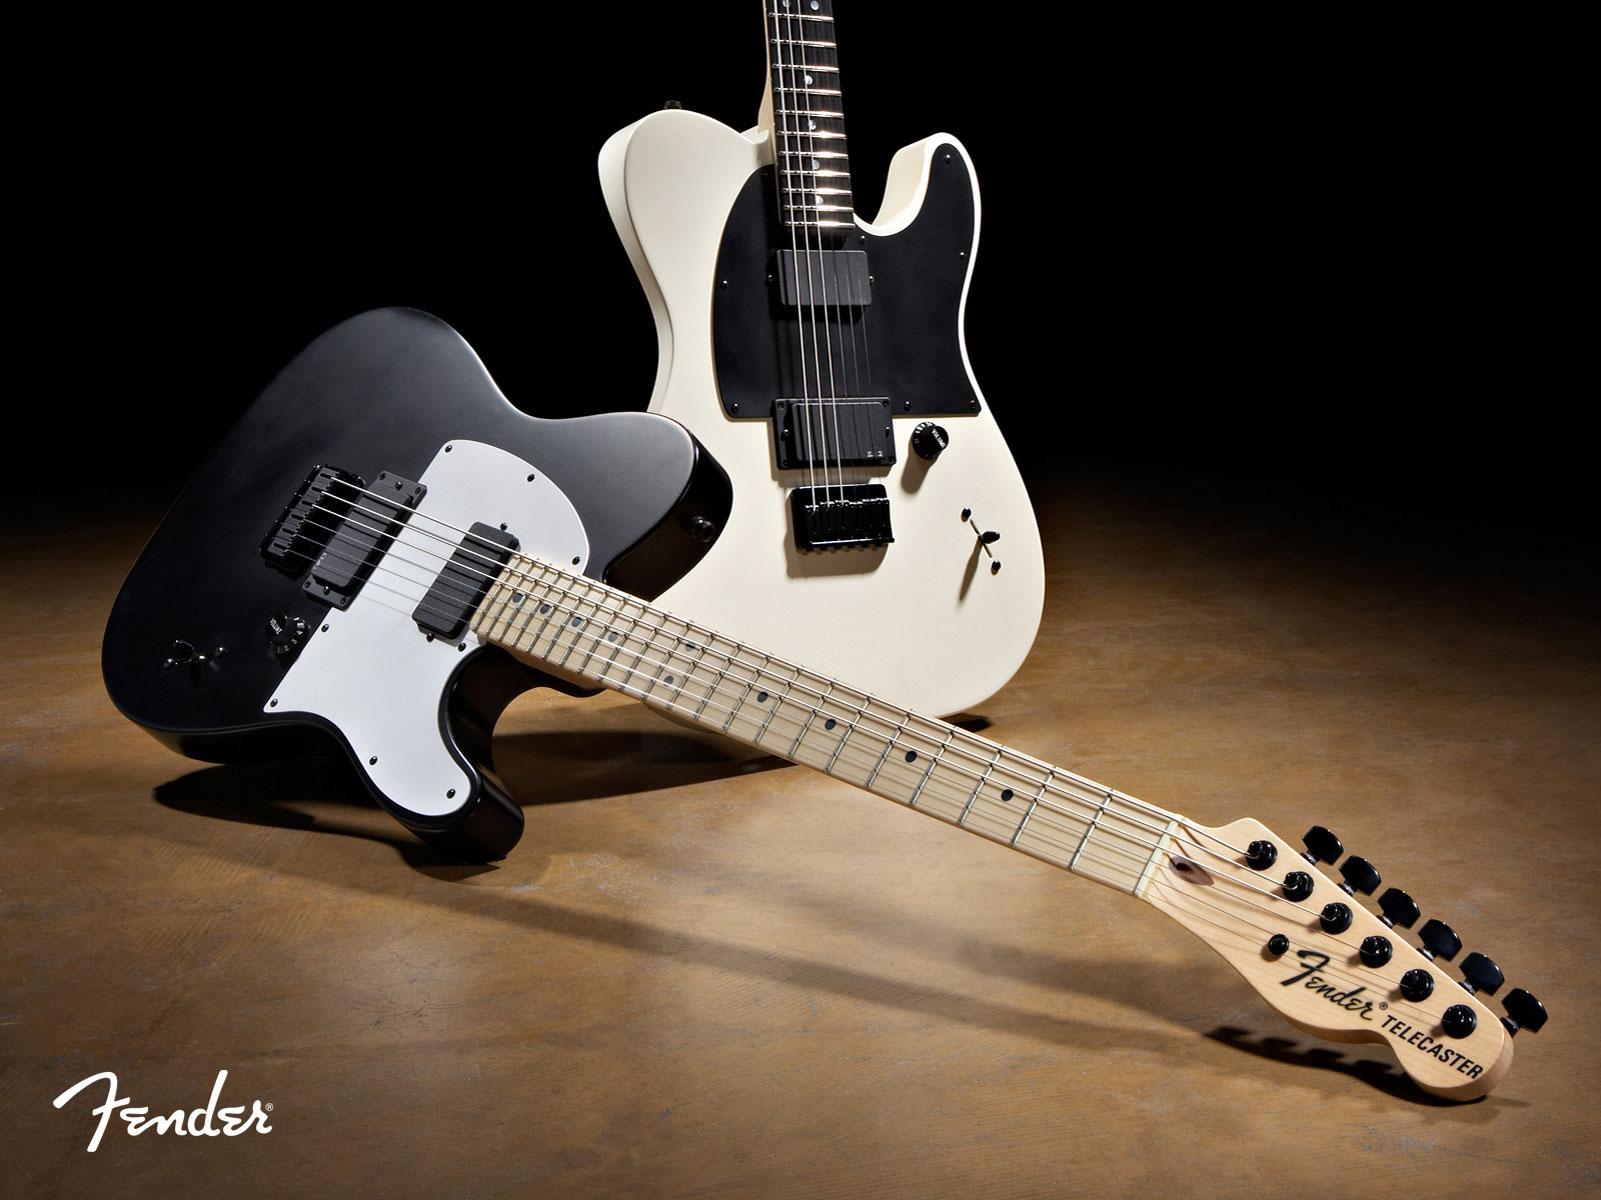 fender guitars wallpaper wallpapersafari